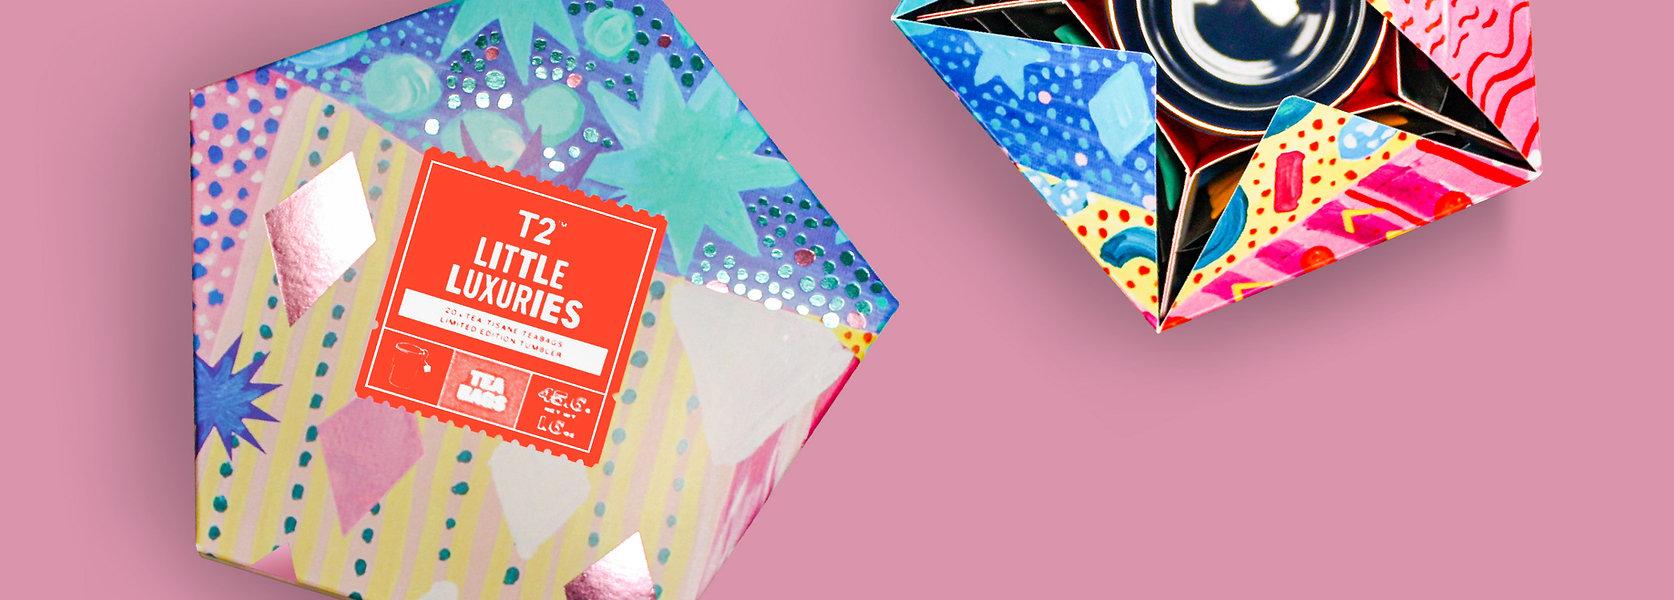 ADDLESS DESIGN STUDIO - T2 little luxuries